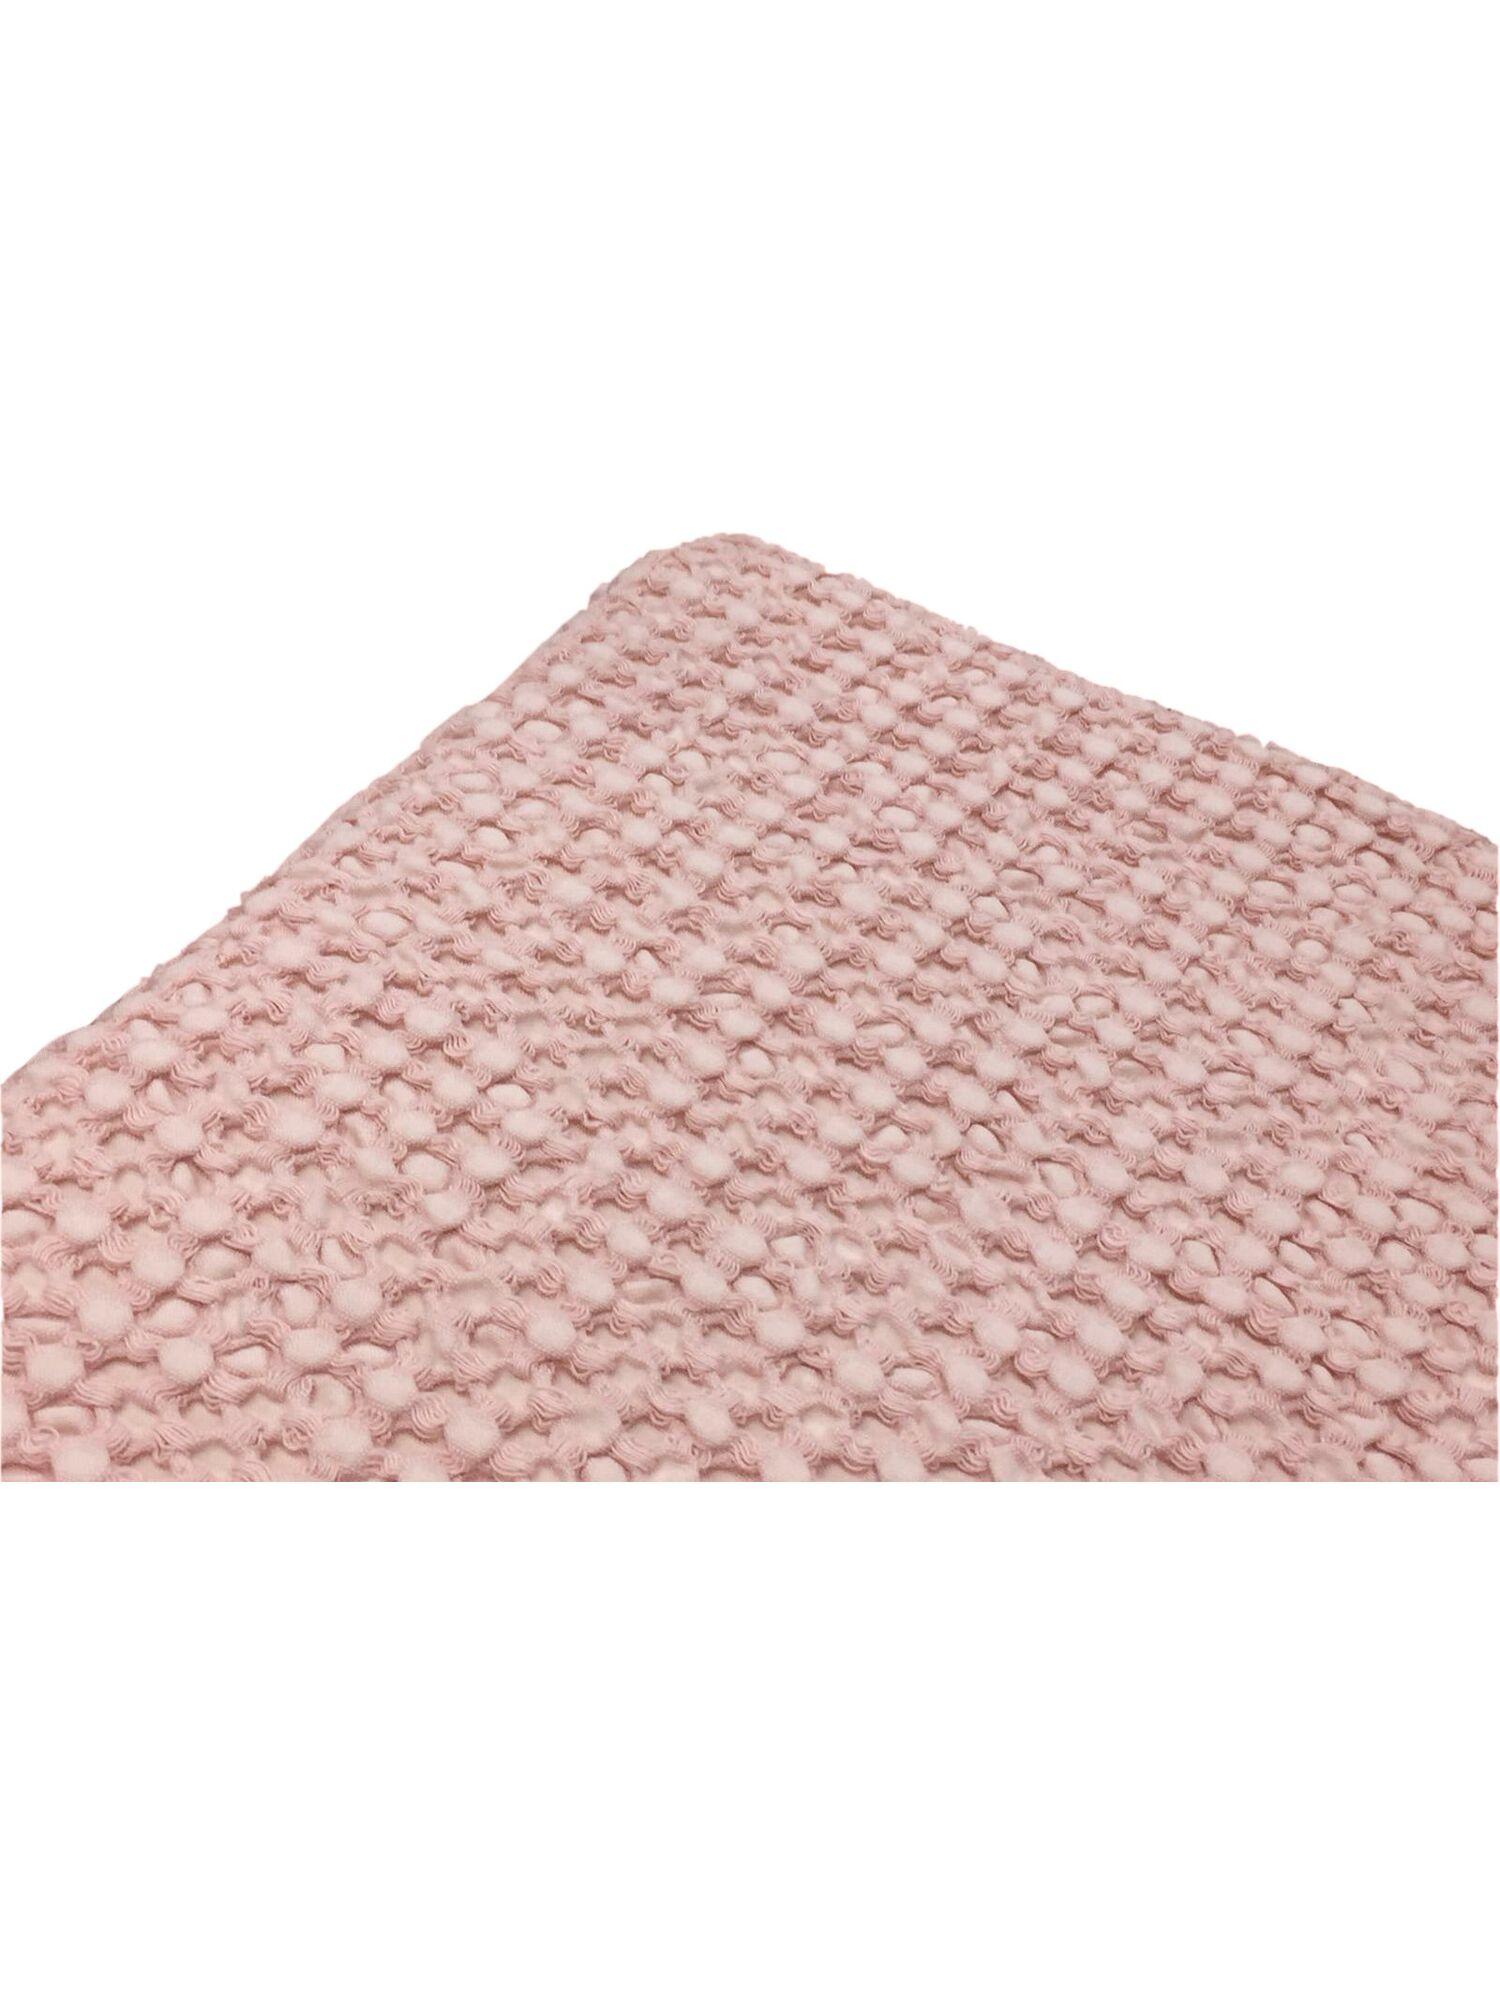 Плед вафельный SIMONA с кисточками, натуральный хлопок,130*150, розовый, MAISON D`OR